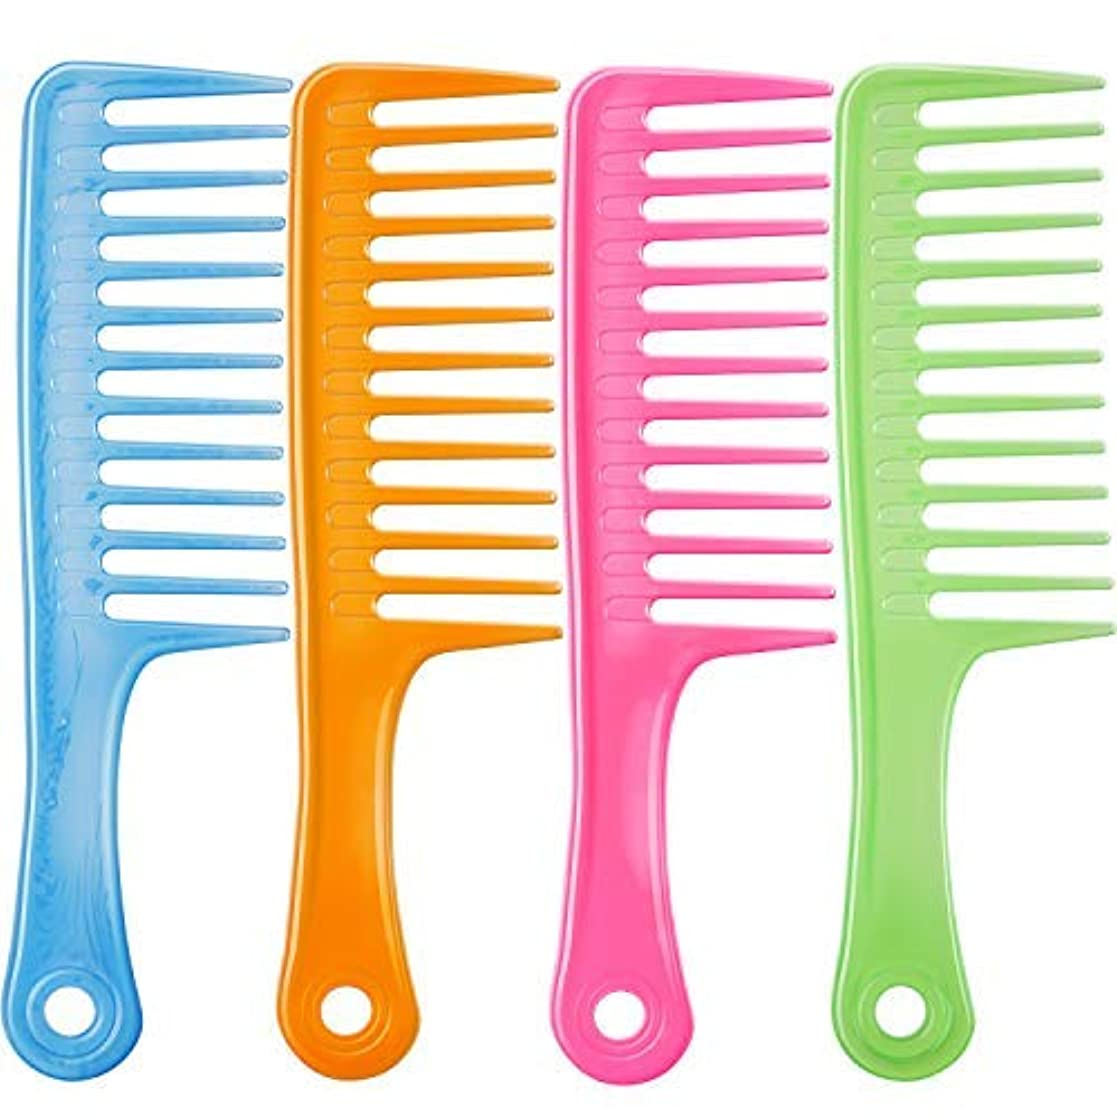 共和党キモいヤギTecUnite 4 Pieces 9 1/2 Inches Anti-static Large Tooth Detangle Comb, Wide Tooth Hair Comb Salon Shampoo Comb...